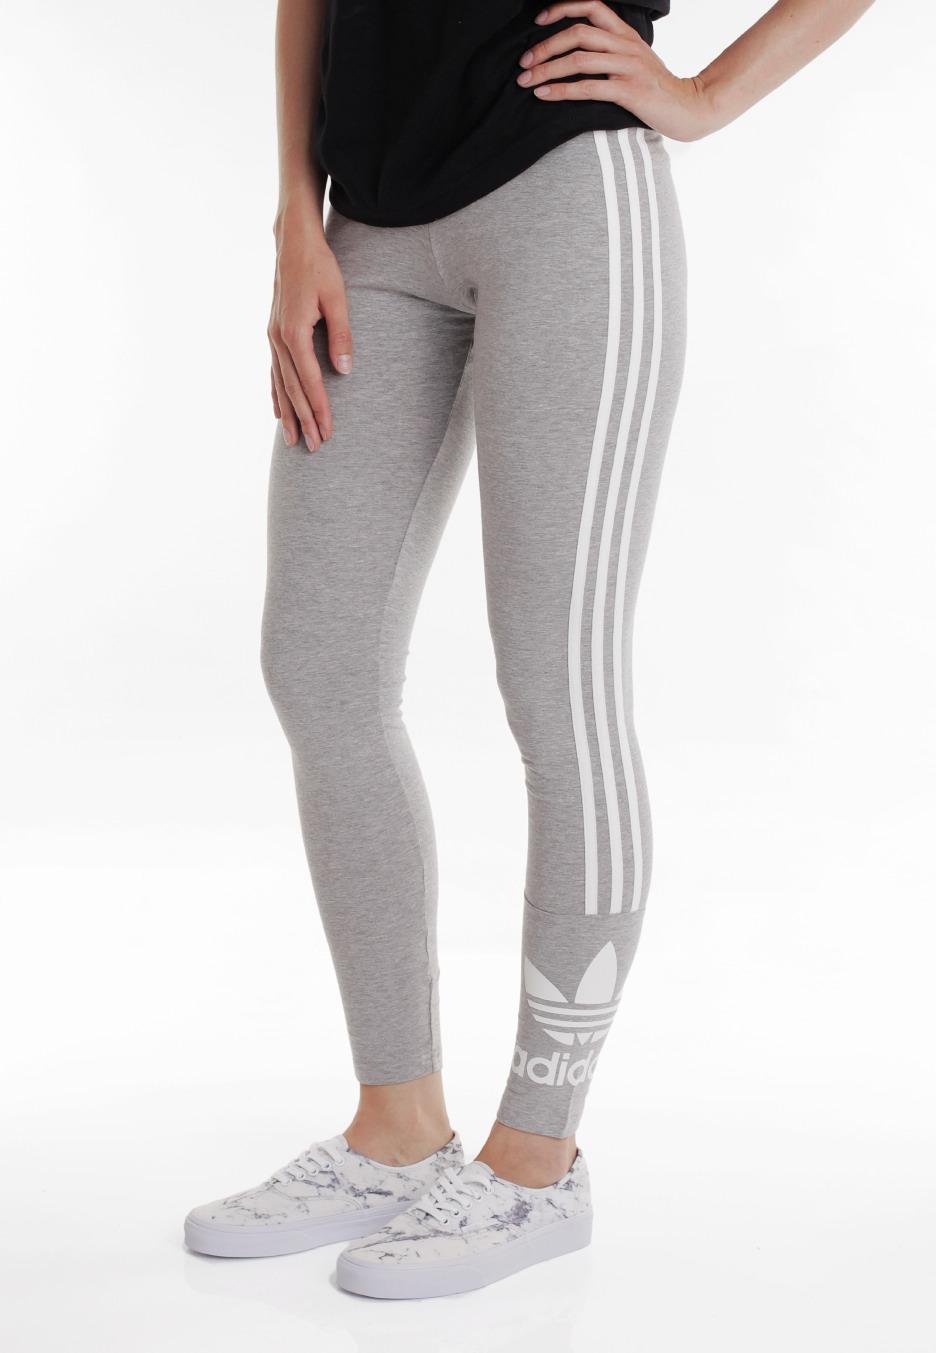 45a6d8992c8 Adidas - 3 Stripes Medium Grey Heather - Leggings - Streetwear Shop -  Impericon.com US